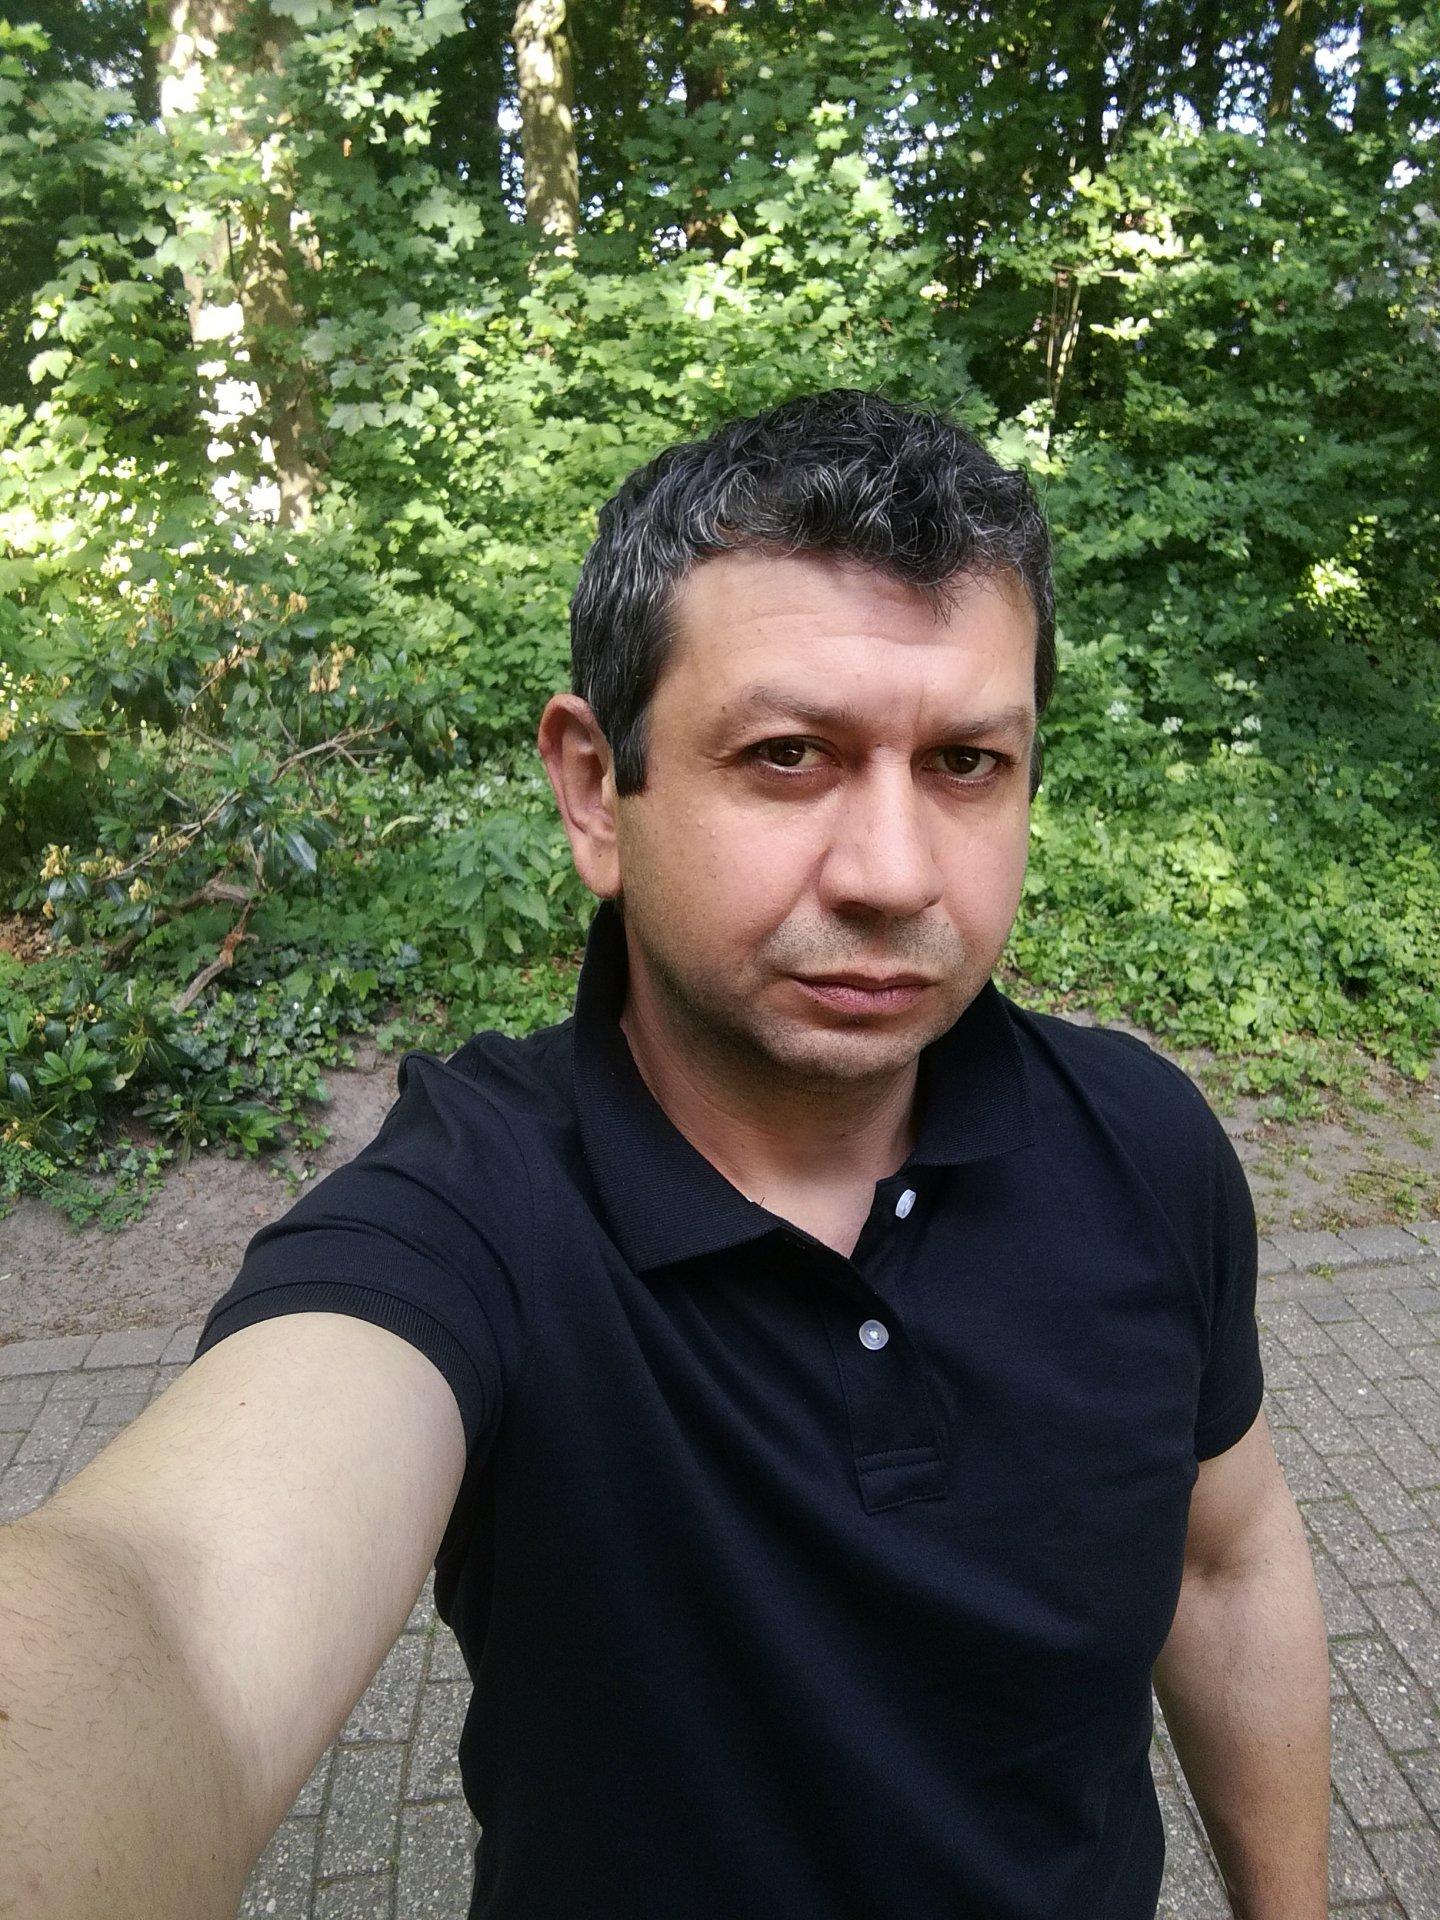 Georgi aus Nordrhein-Westfalen,Deutschland